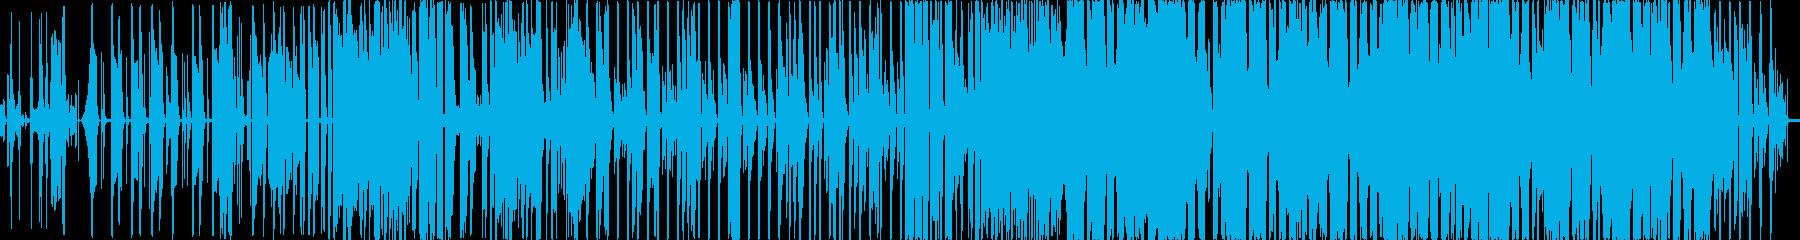 可愛いエレクトロポップの再生済みの波形